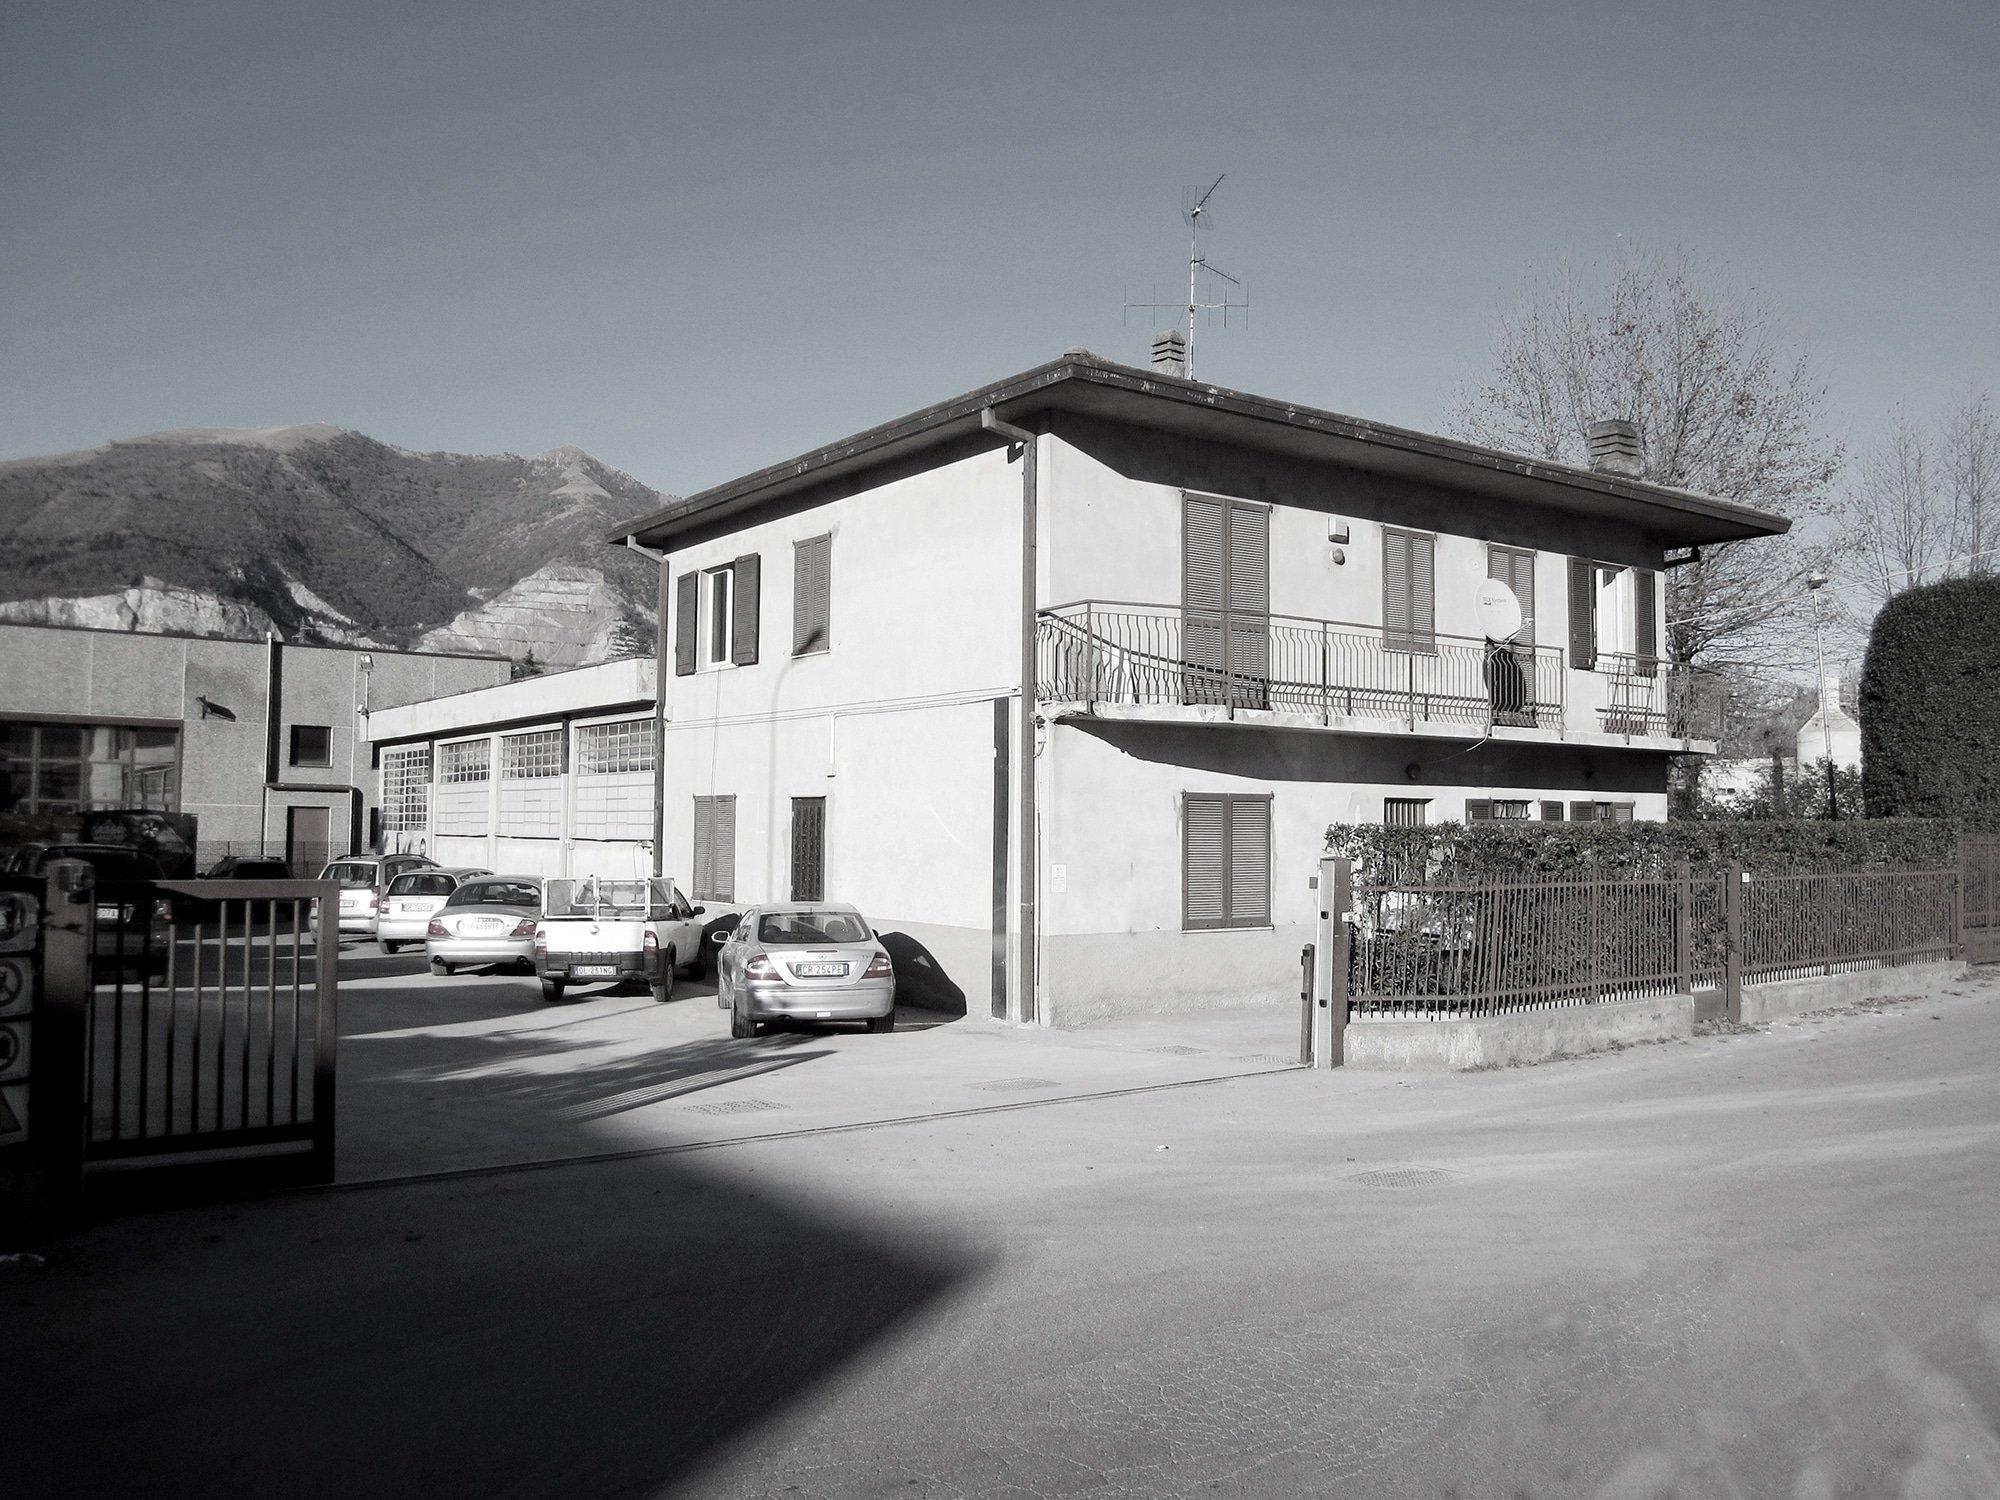 MAURISTUDIO-umberto-mauri-mauri-studio-bosisio-parini-New-Office-Building-Bosisio-Parini-Lecco-work-in-progress-Ventilated-Facade_final_05_2000